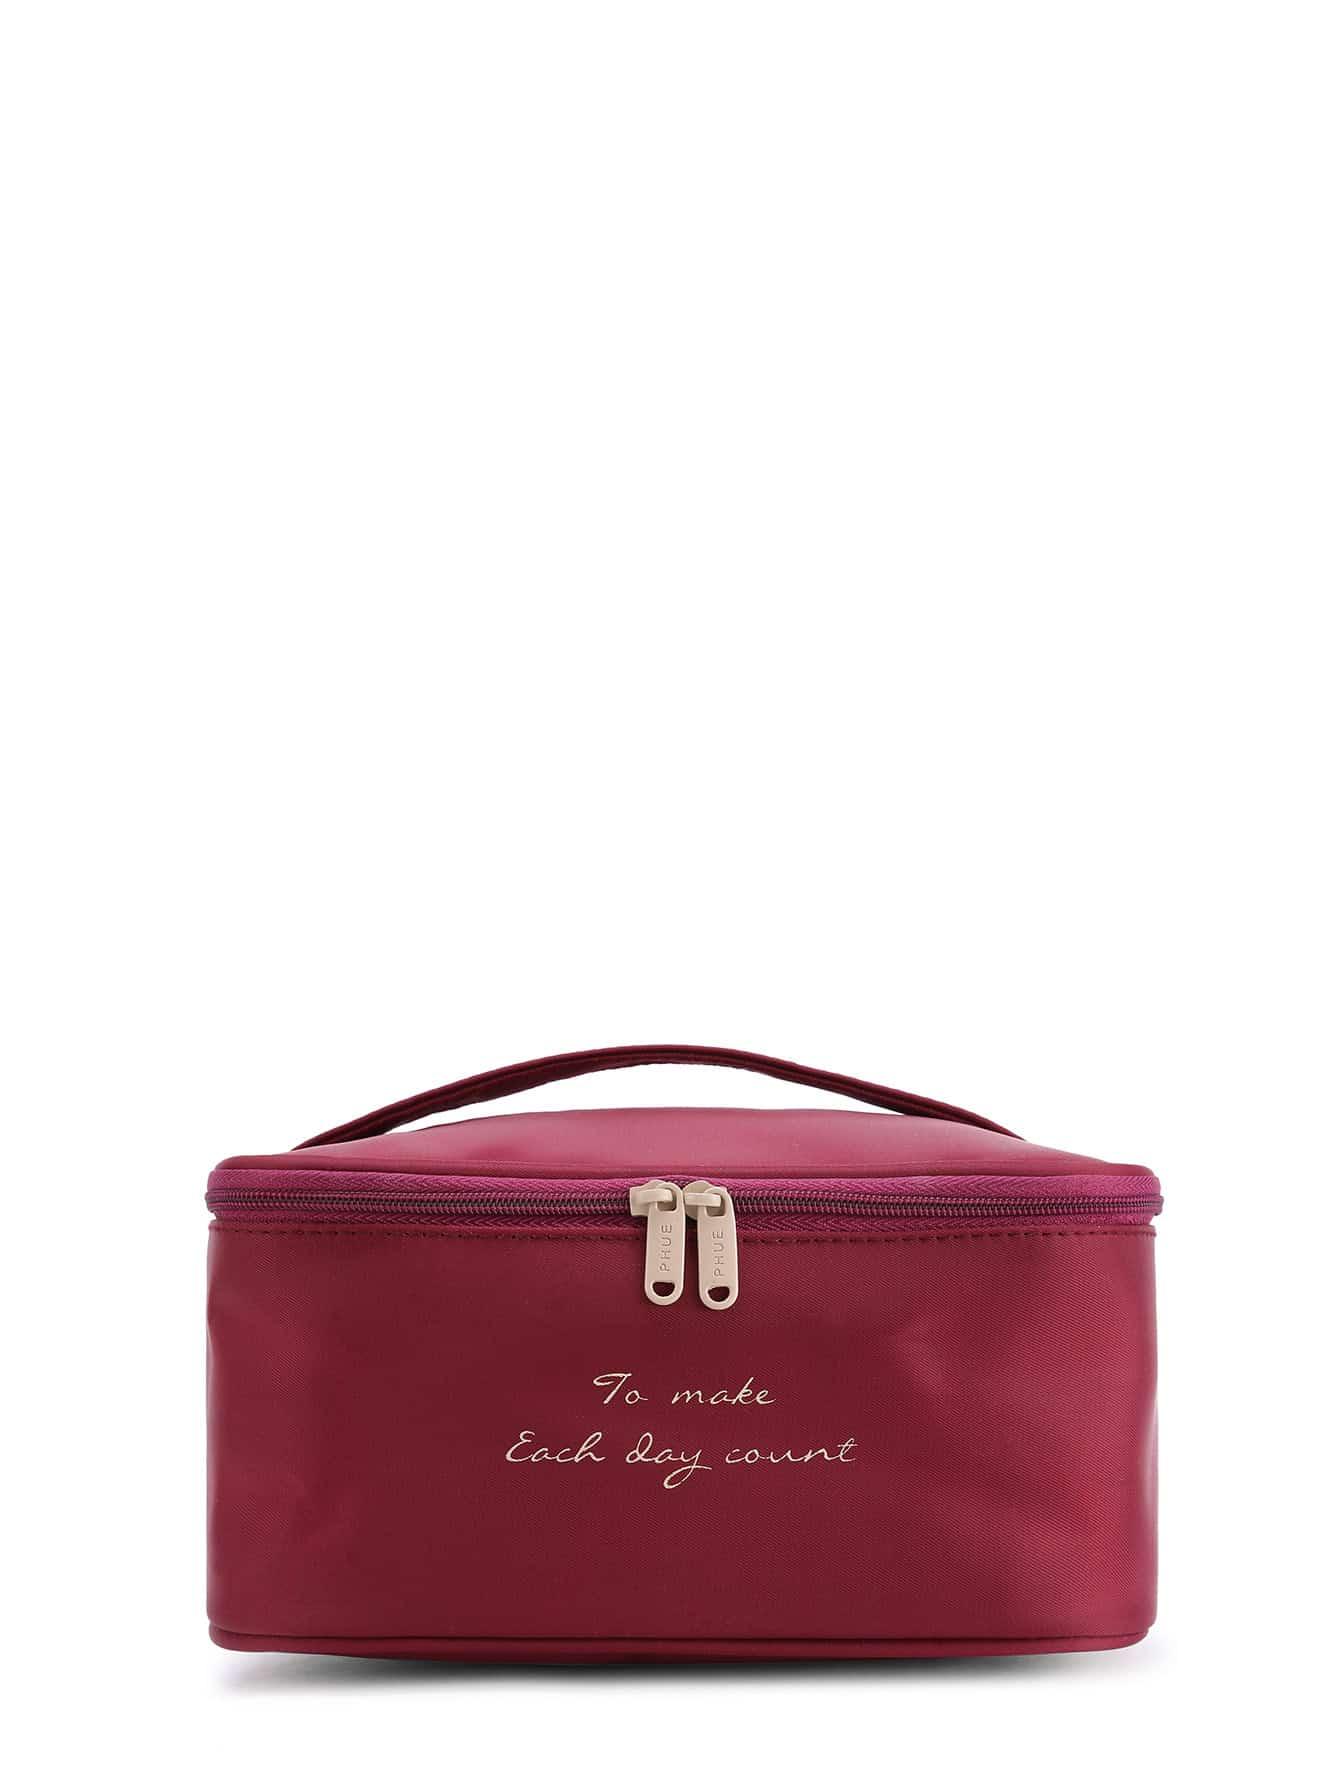 Slogan Print Double Zipper Makeup Bag